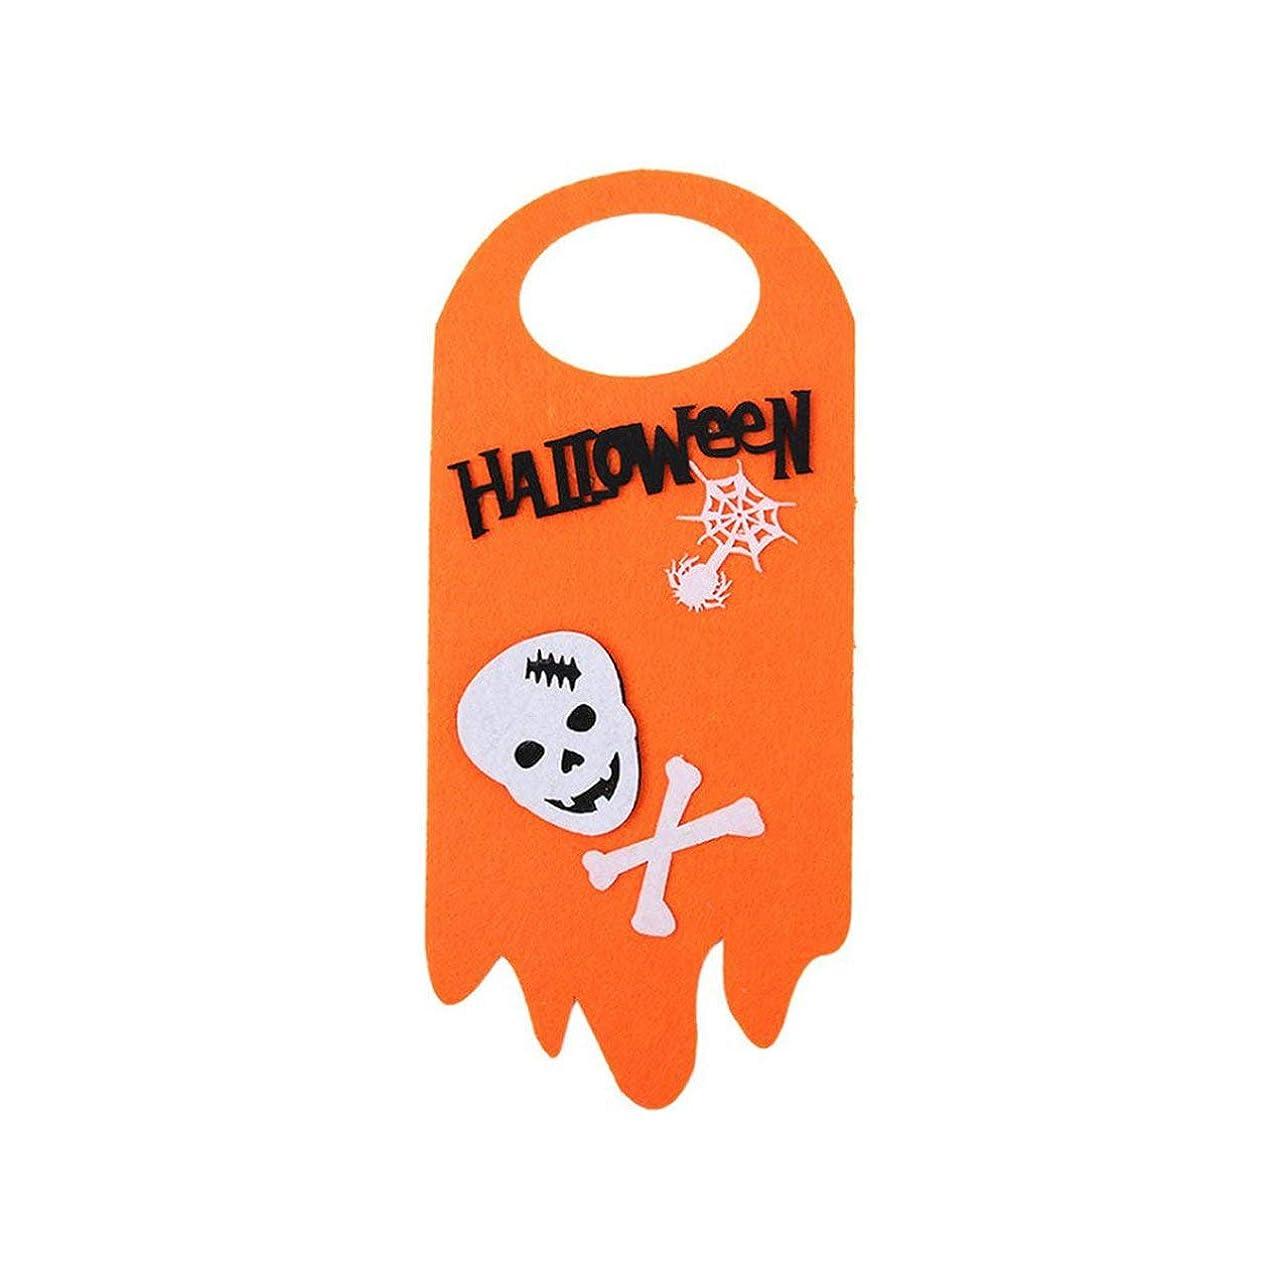 そばに褒賞四分円ハロウィンアレンジメントの小道具パンプキンゴーストキャットドア吊り下げペンダントホテルモールゴーストフェスティバルシーンの装飾